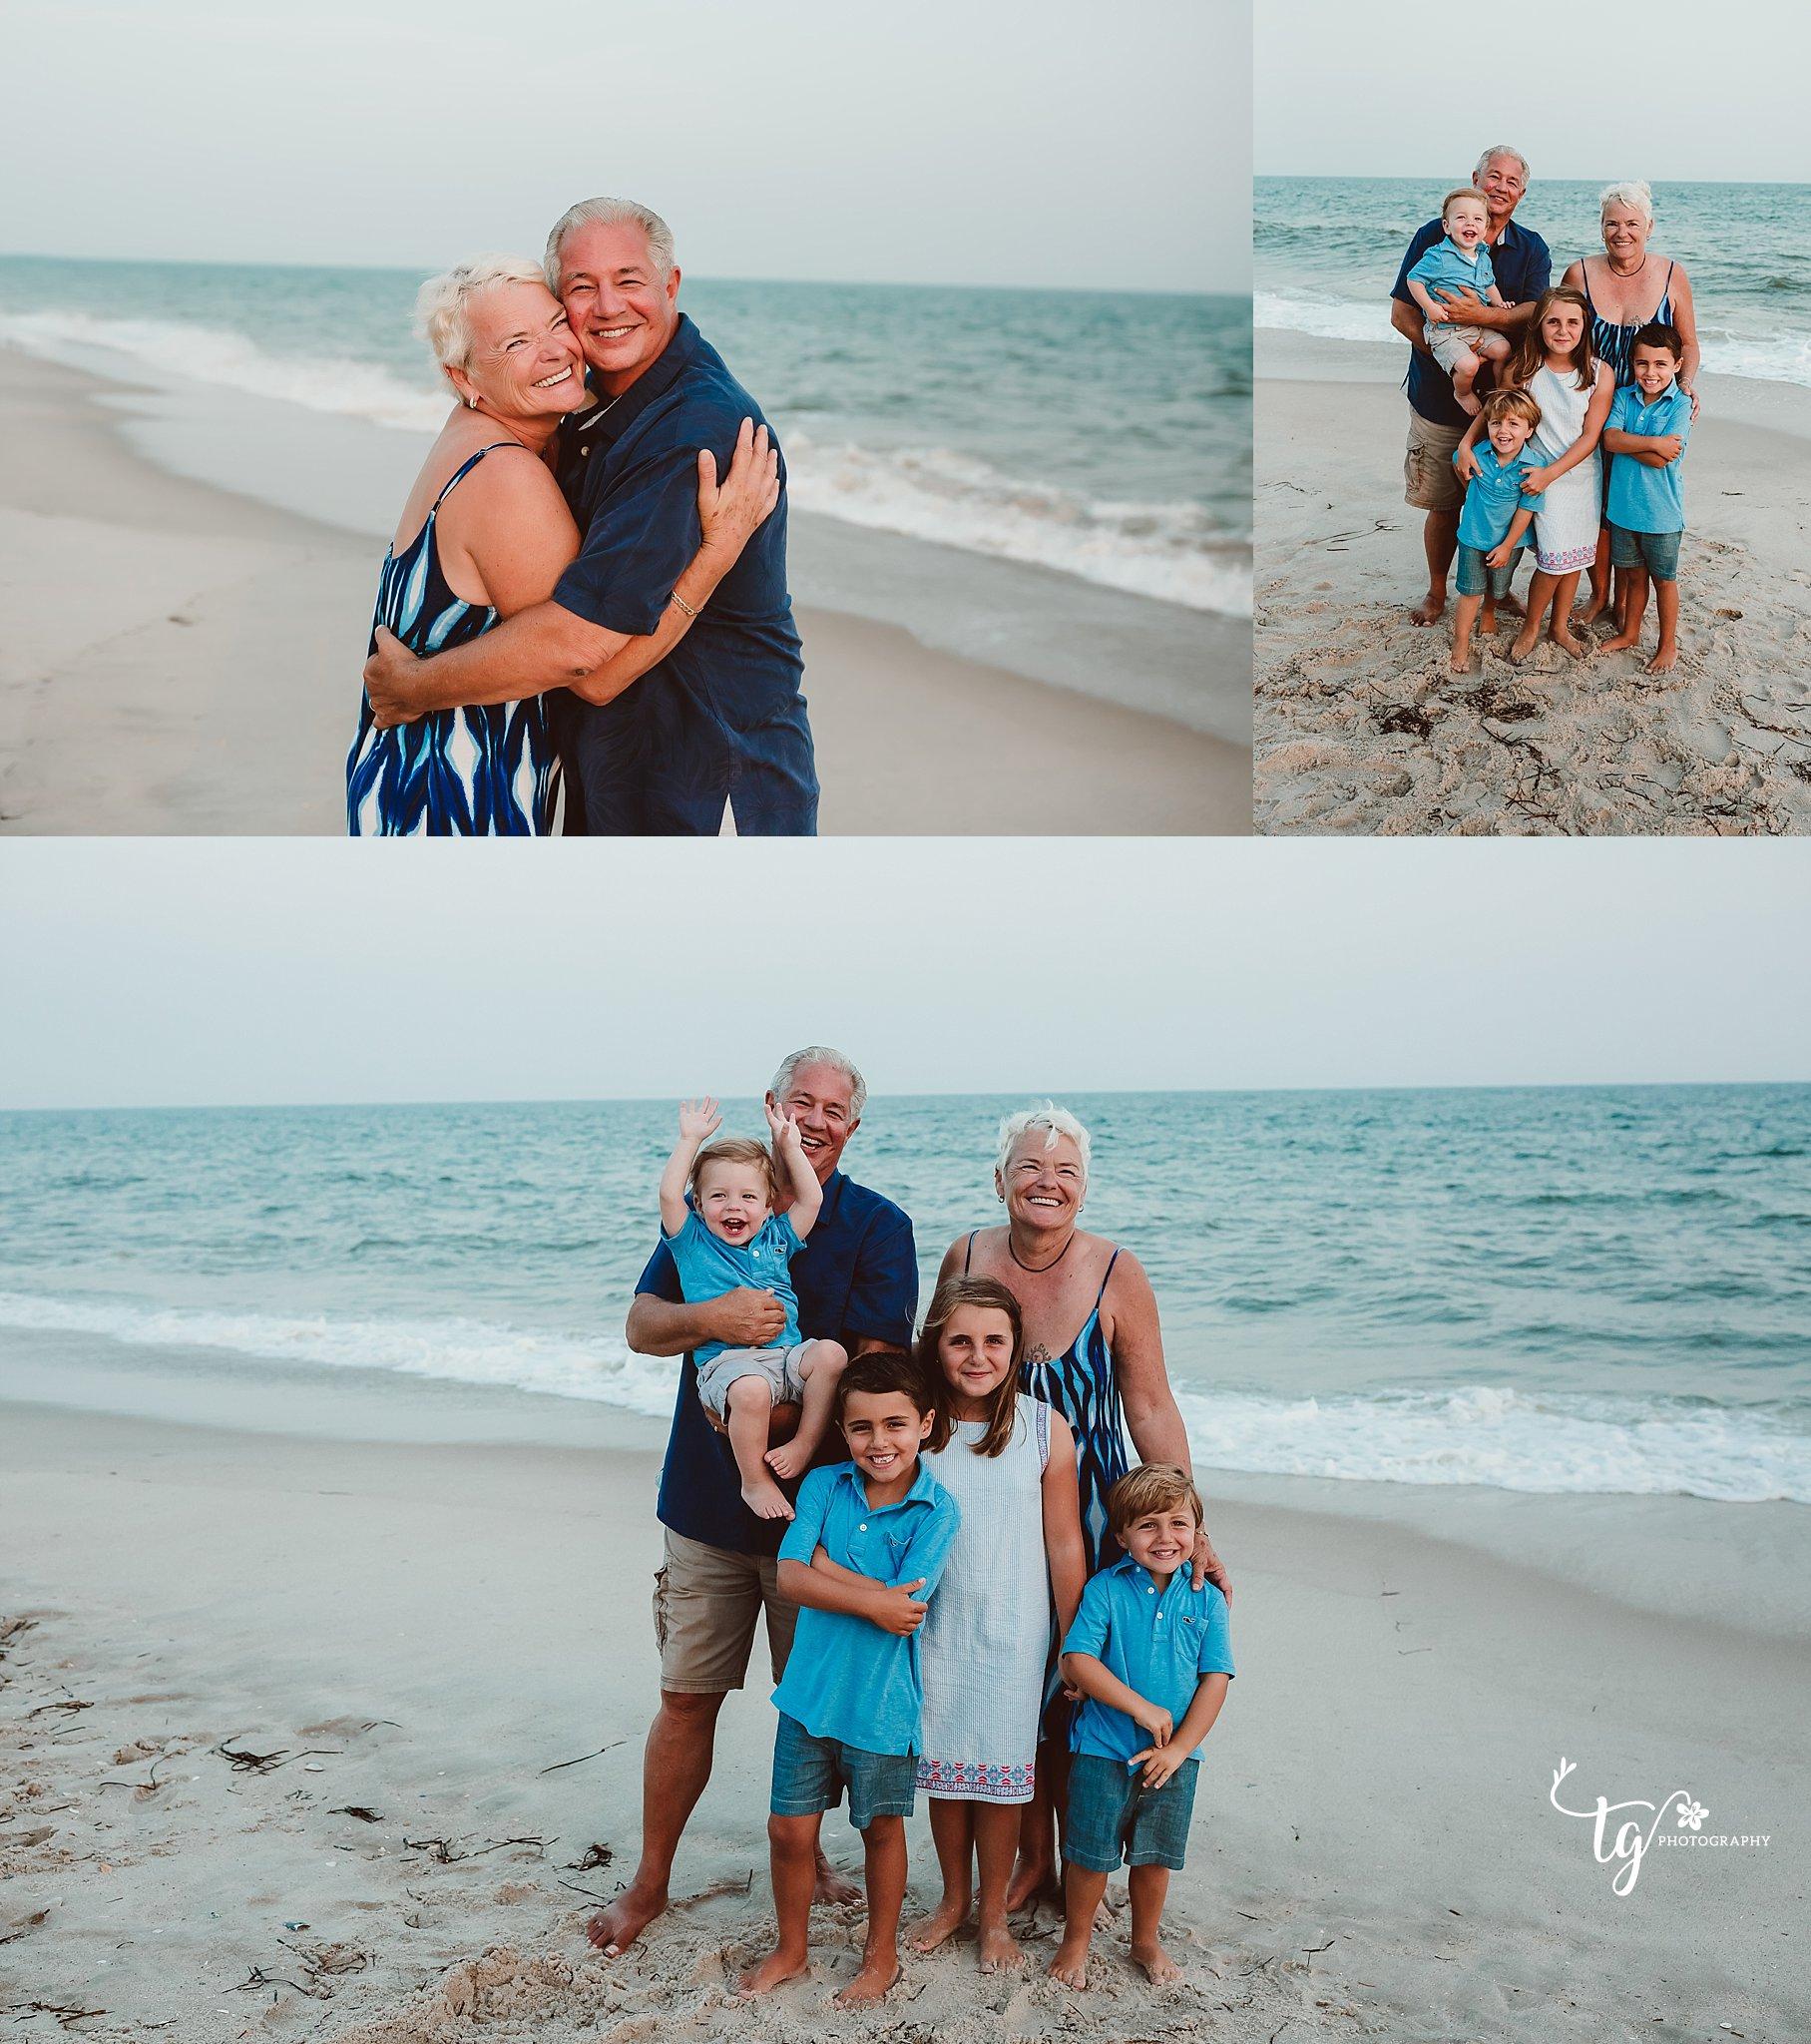 grandparents photo session